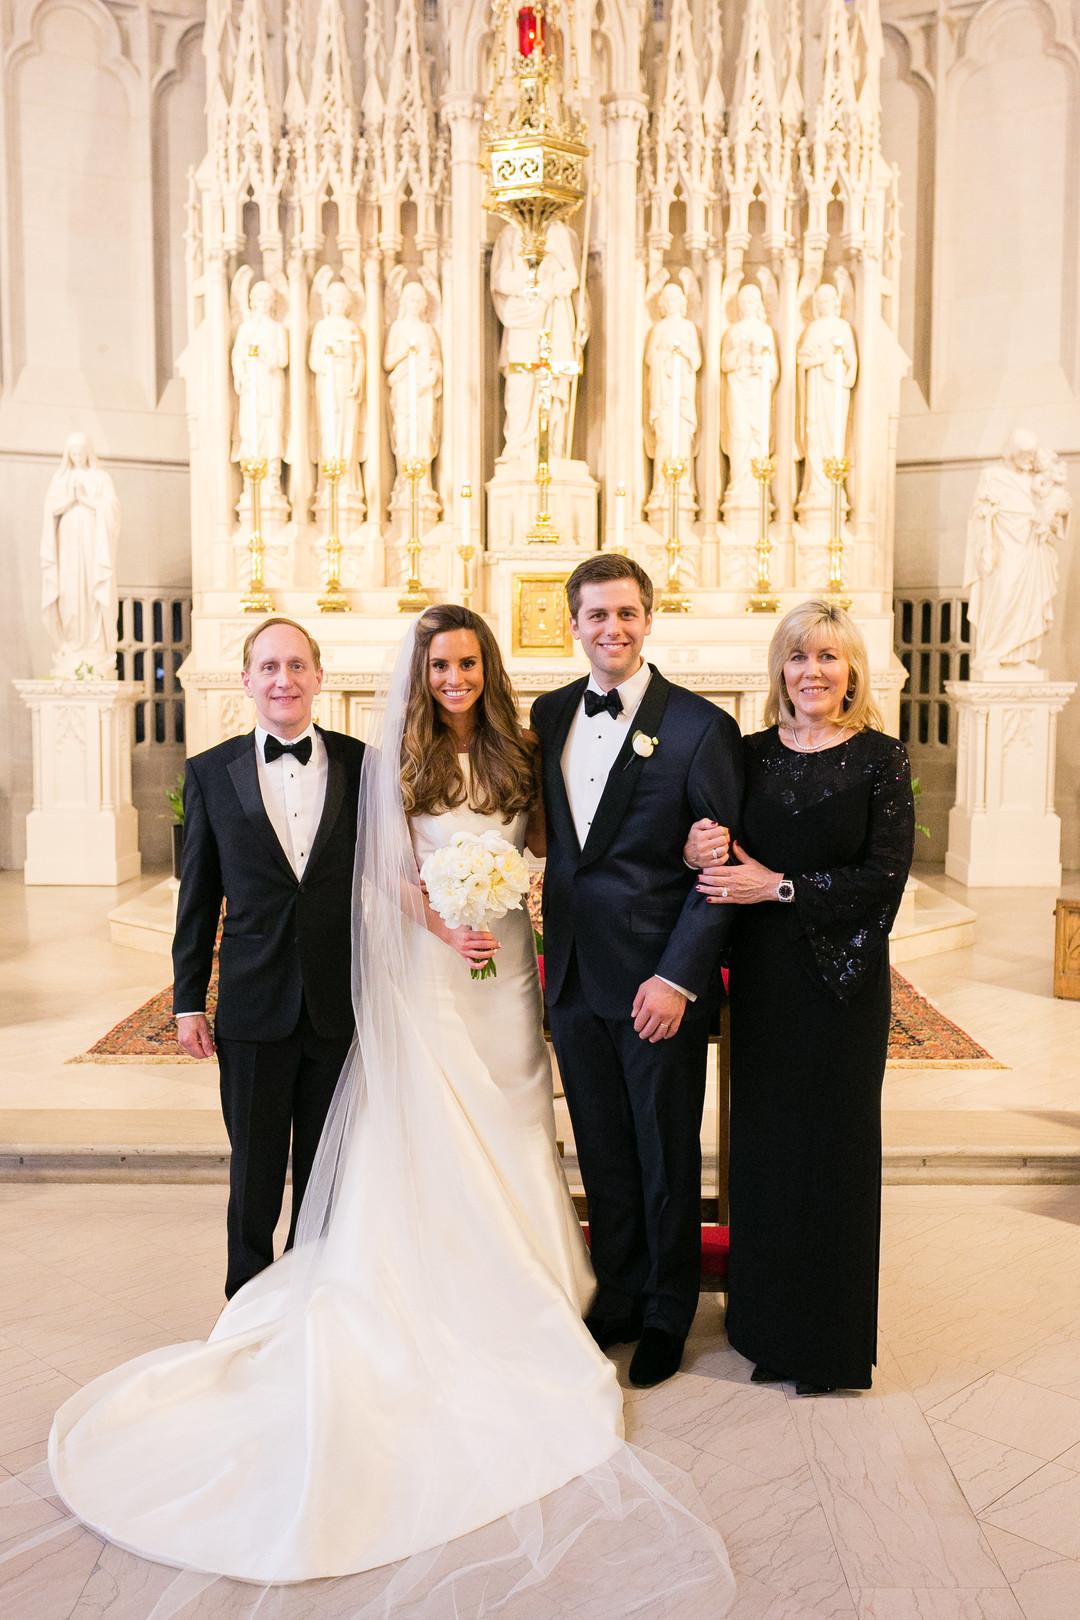 Cathedral Length Veil Bridal Portrait Saint James Chapel Chicago Wedding Emilia Jane Photography